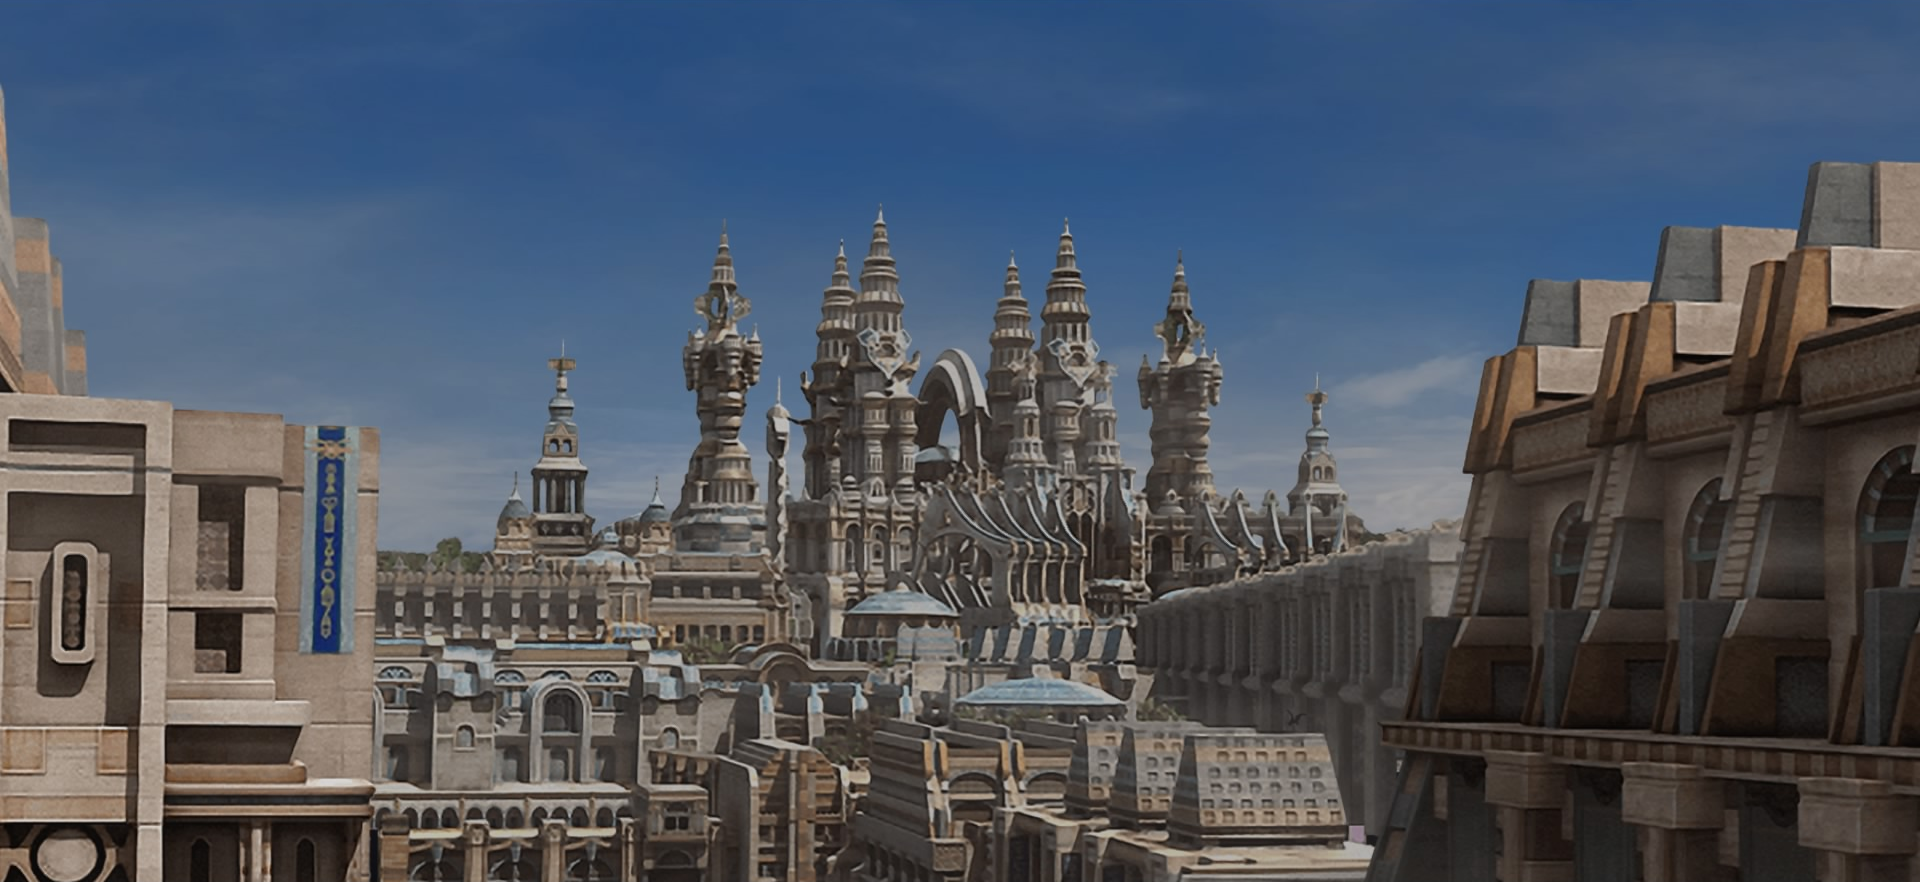 Royal Palace of Rabanastre